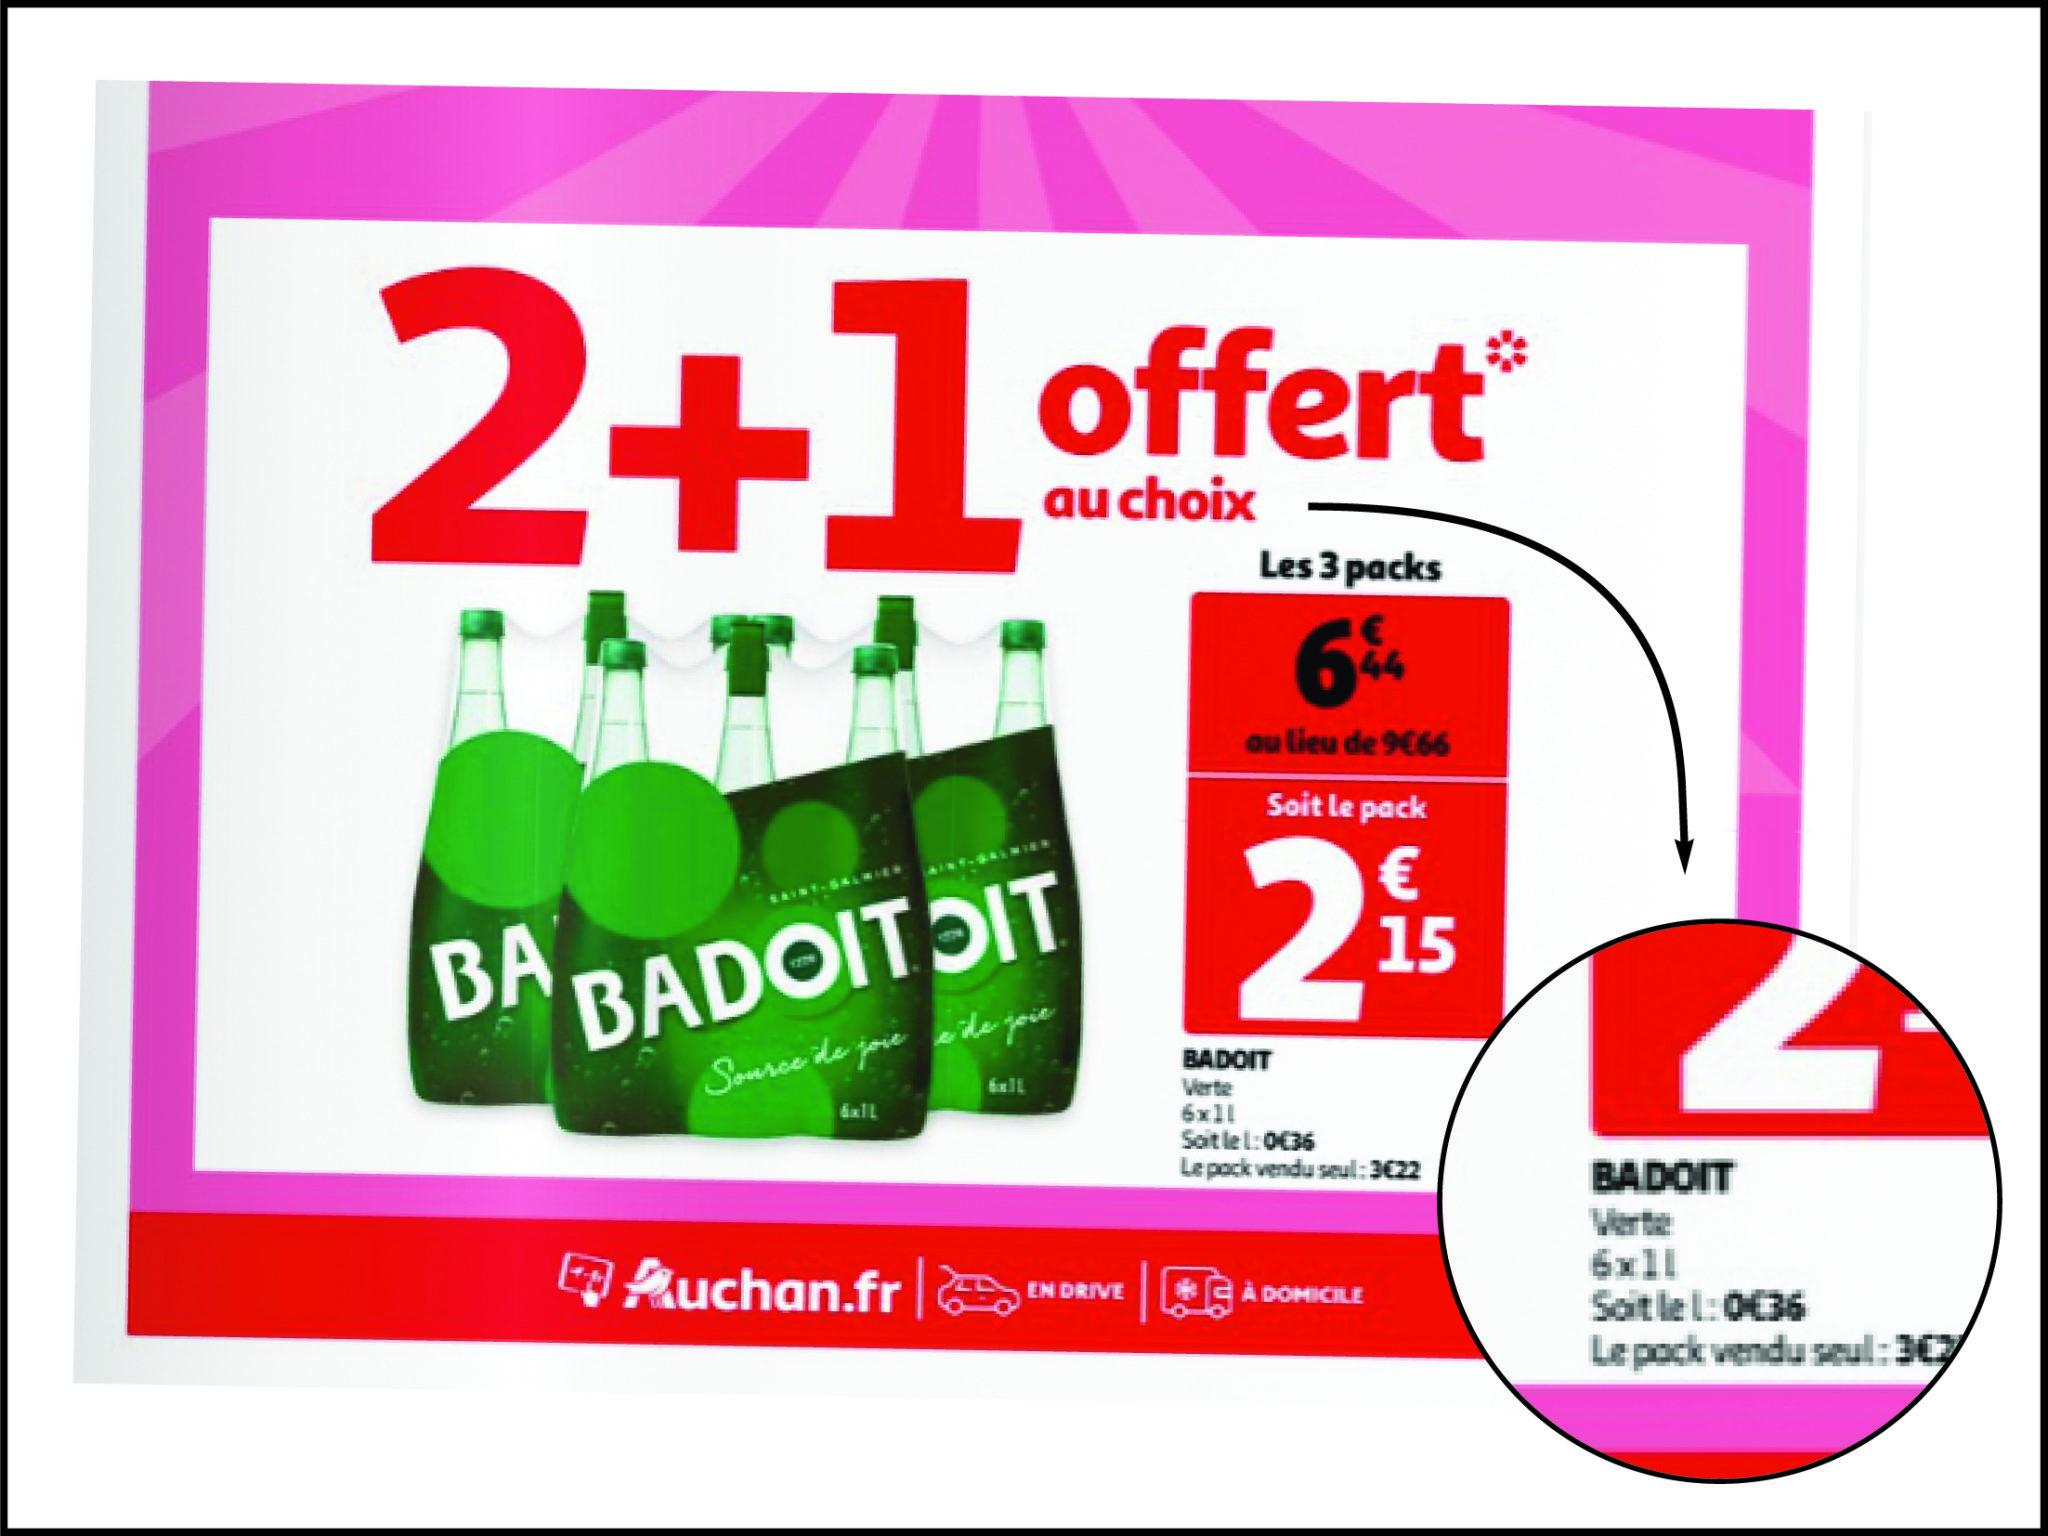 Gros volume Auchan-2